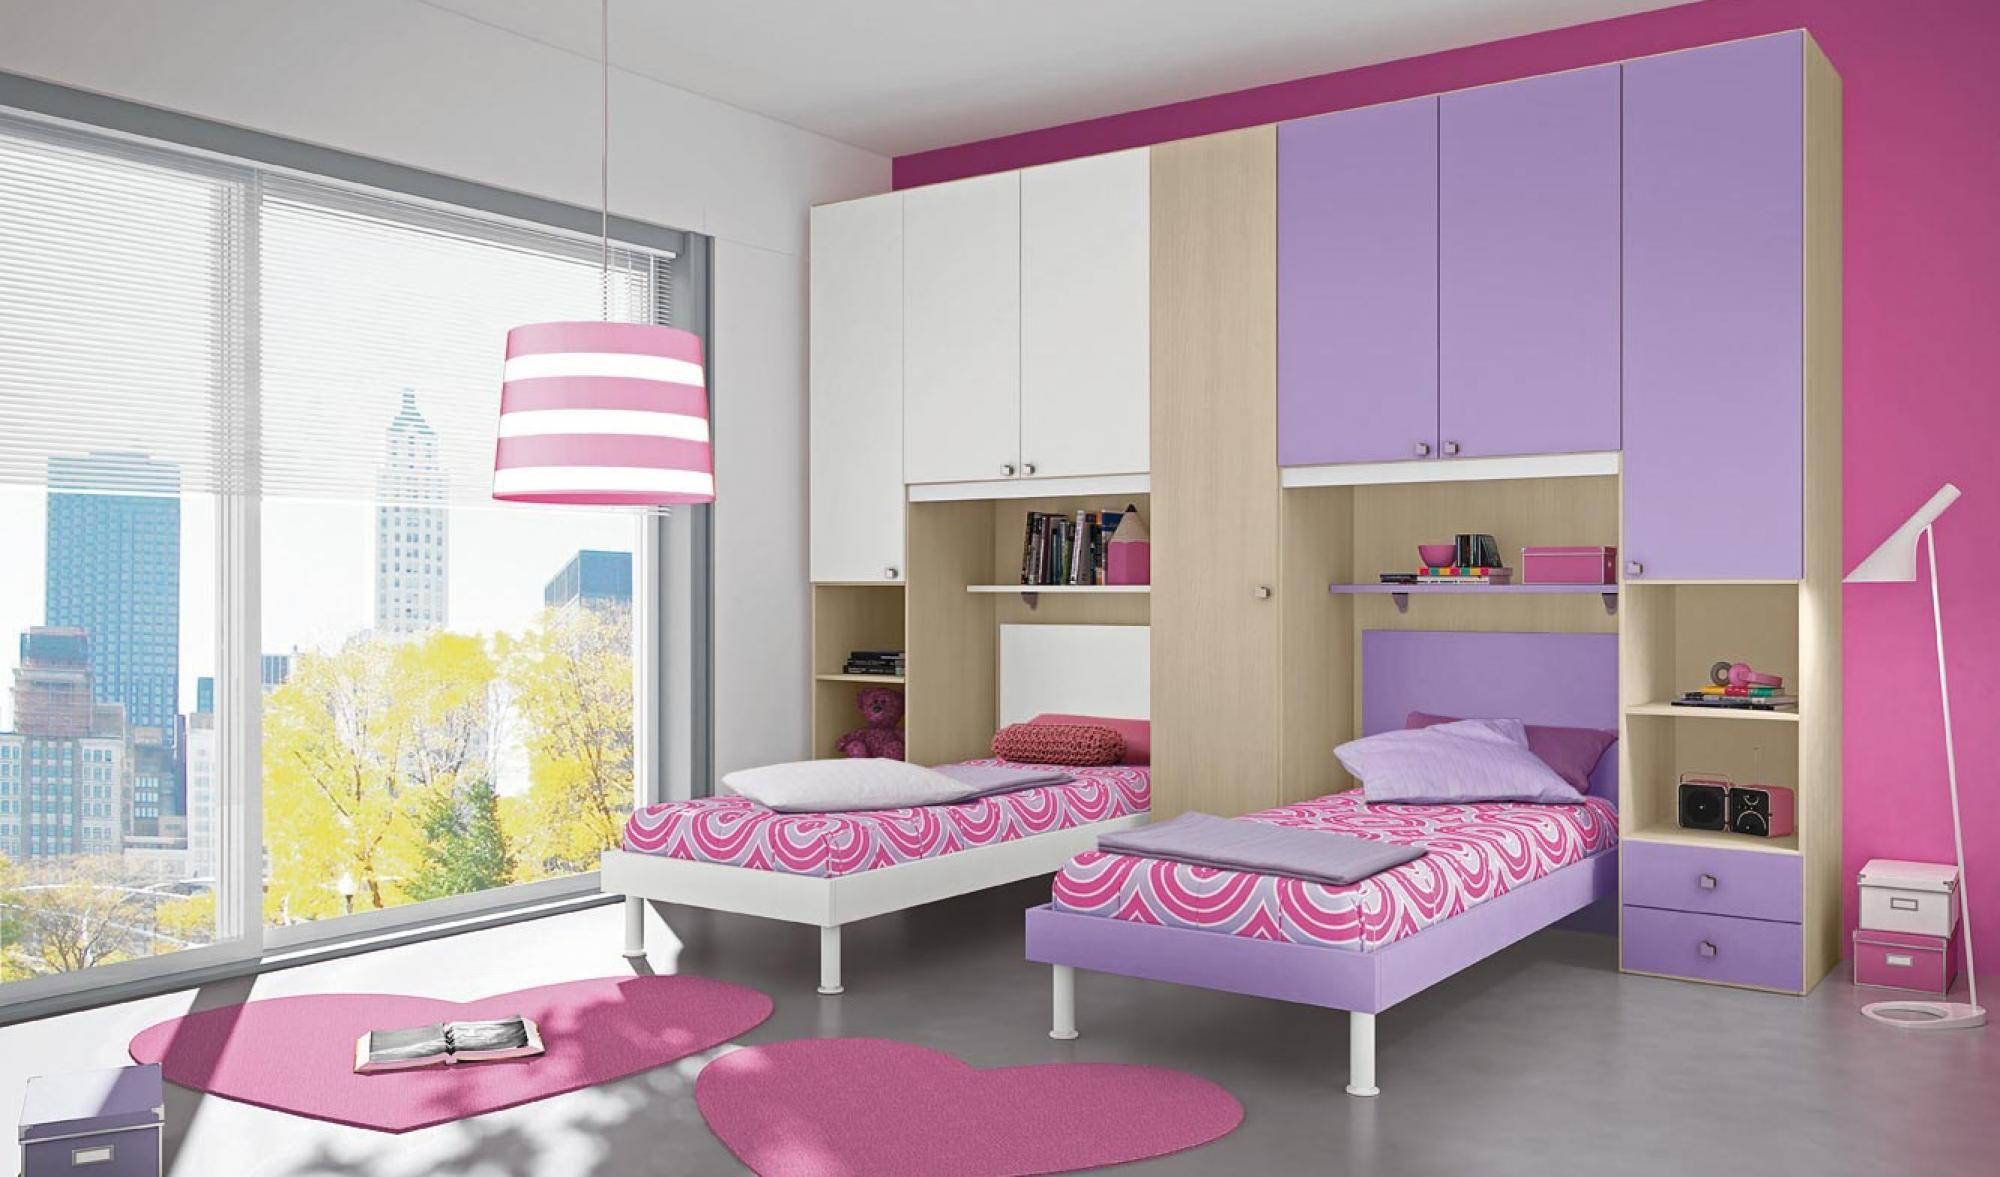 Camere per bambini, Colombini Casa | Colombini(哥倫比尼) | Pinterest ...